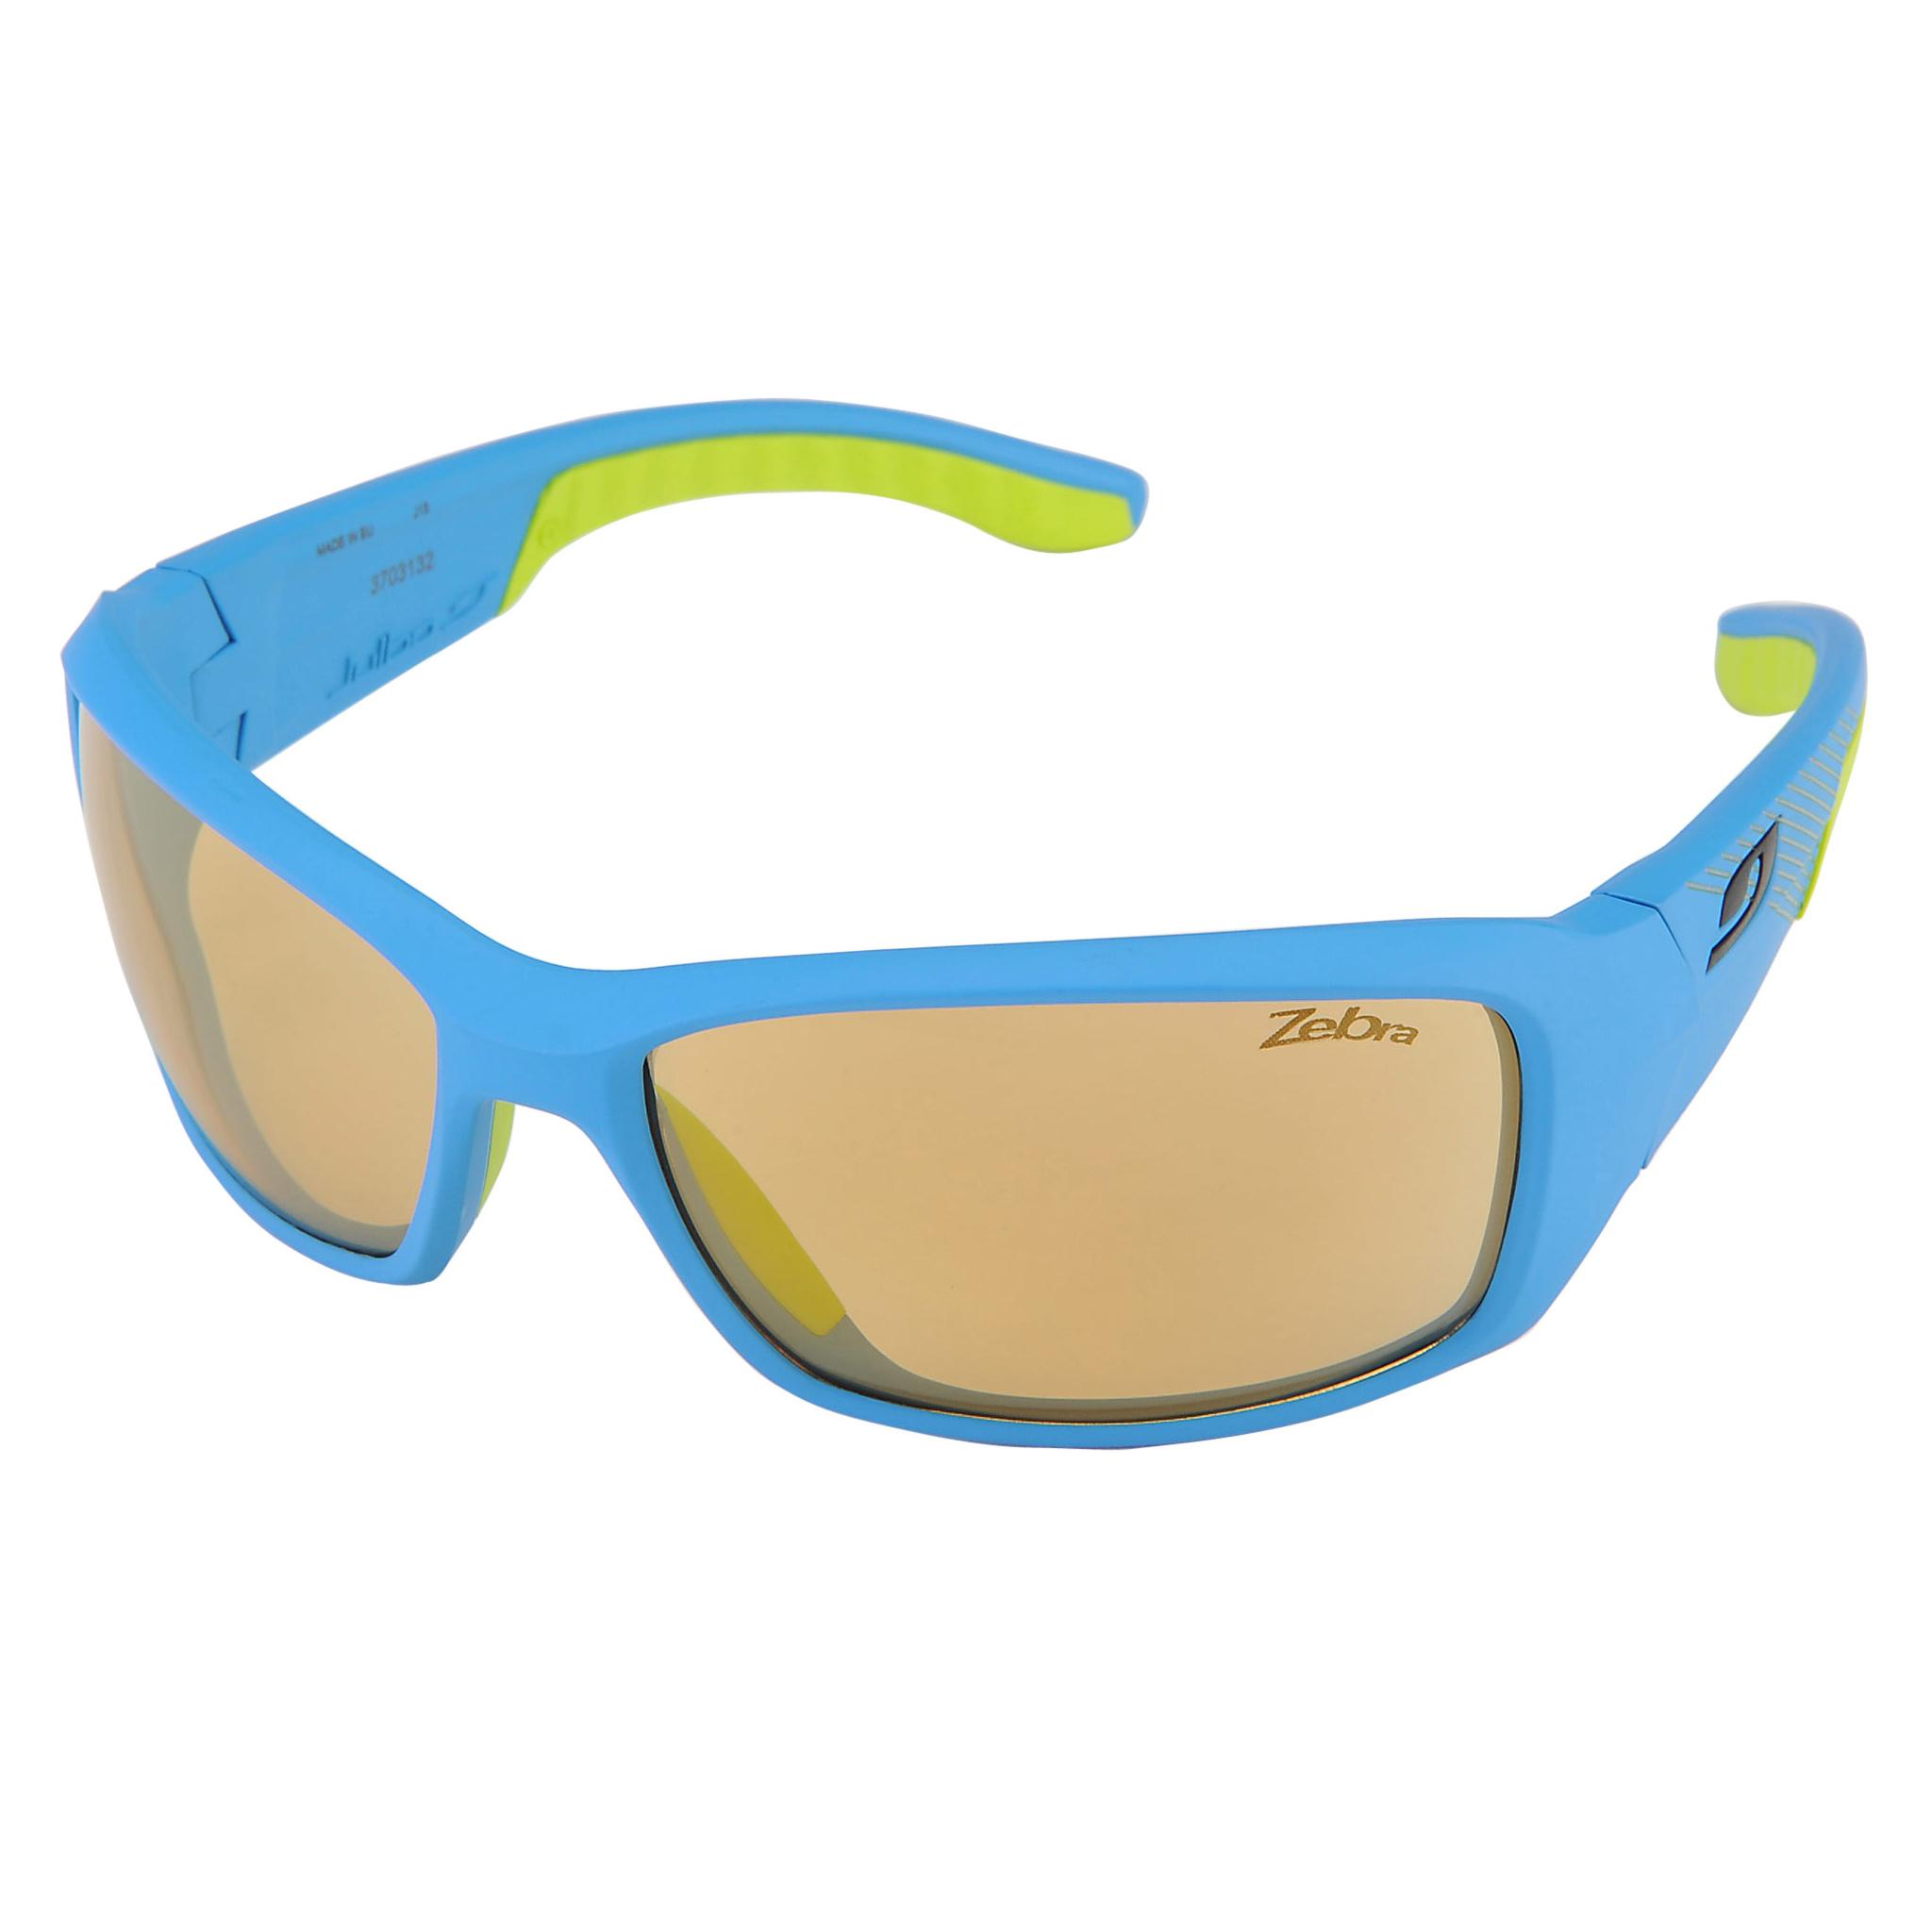 Gafas de sol JULBO RUN Azul/Verde Fotocromáticas J3703132 2016